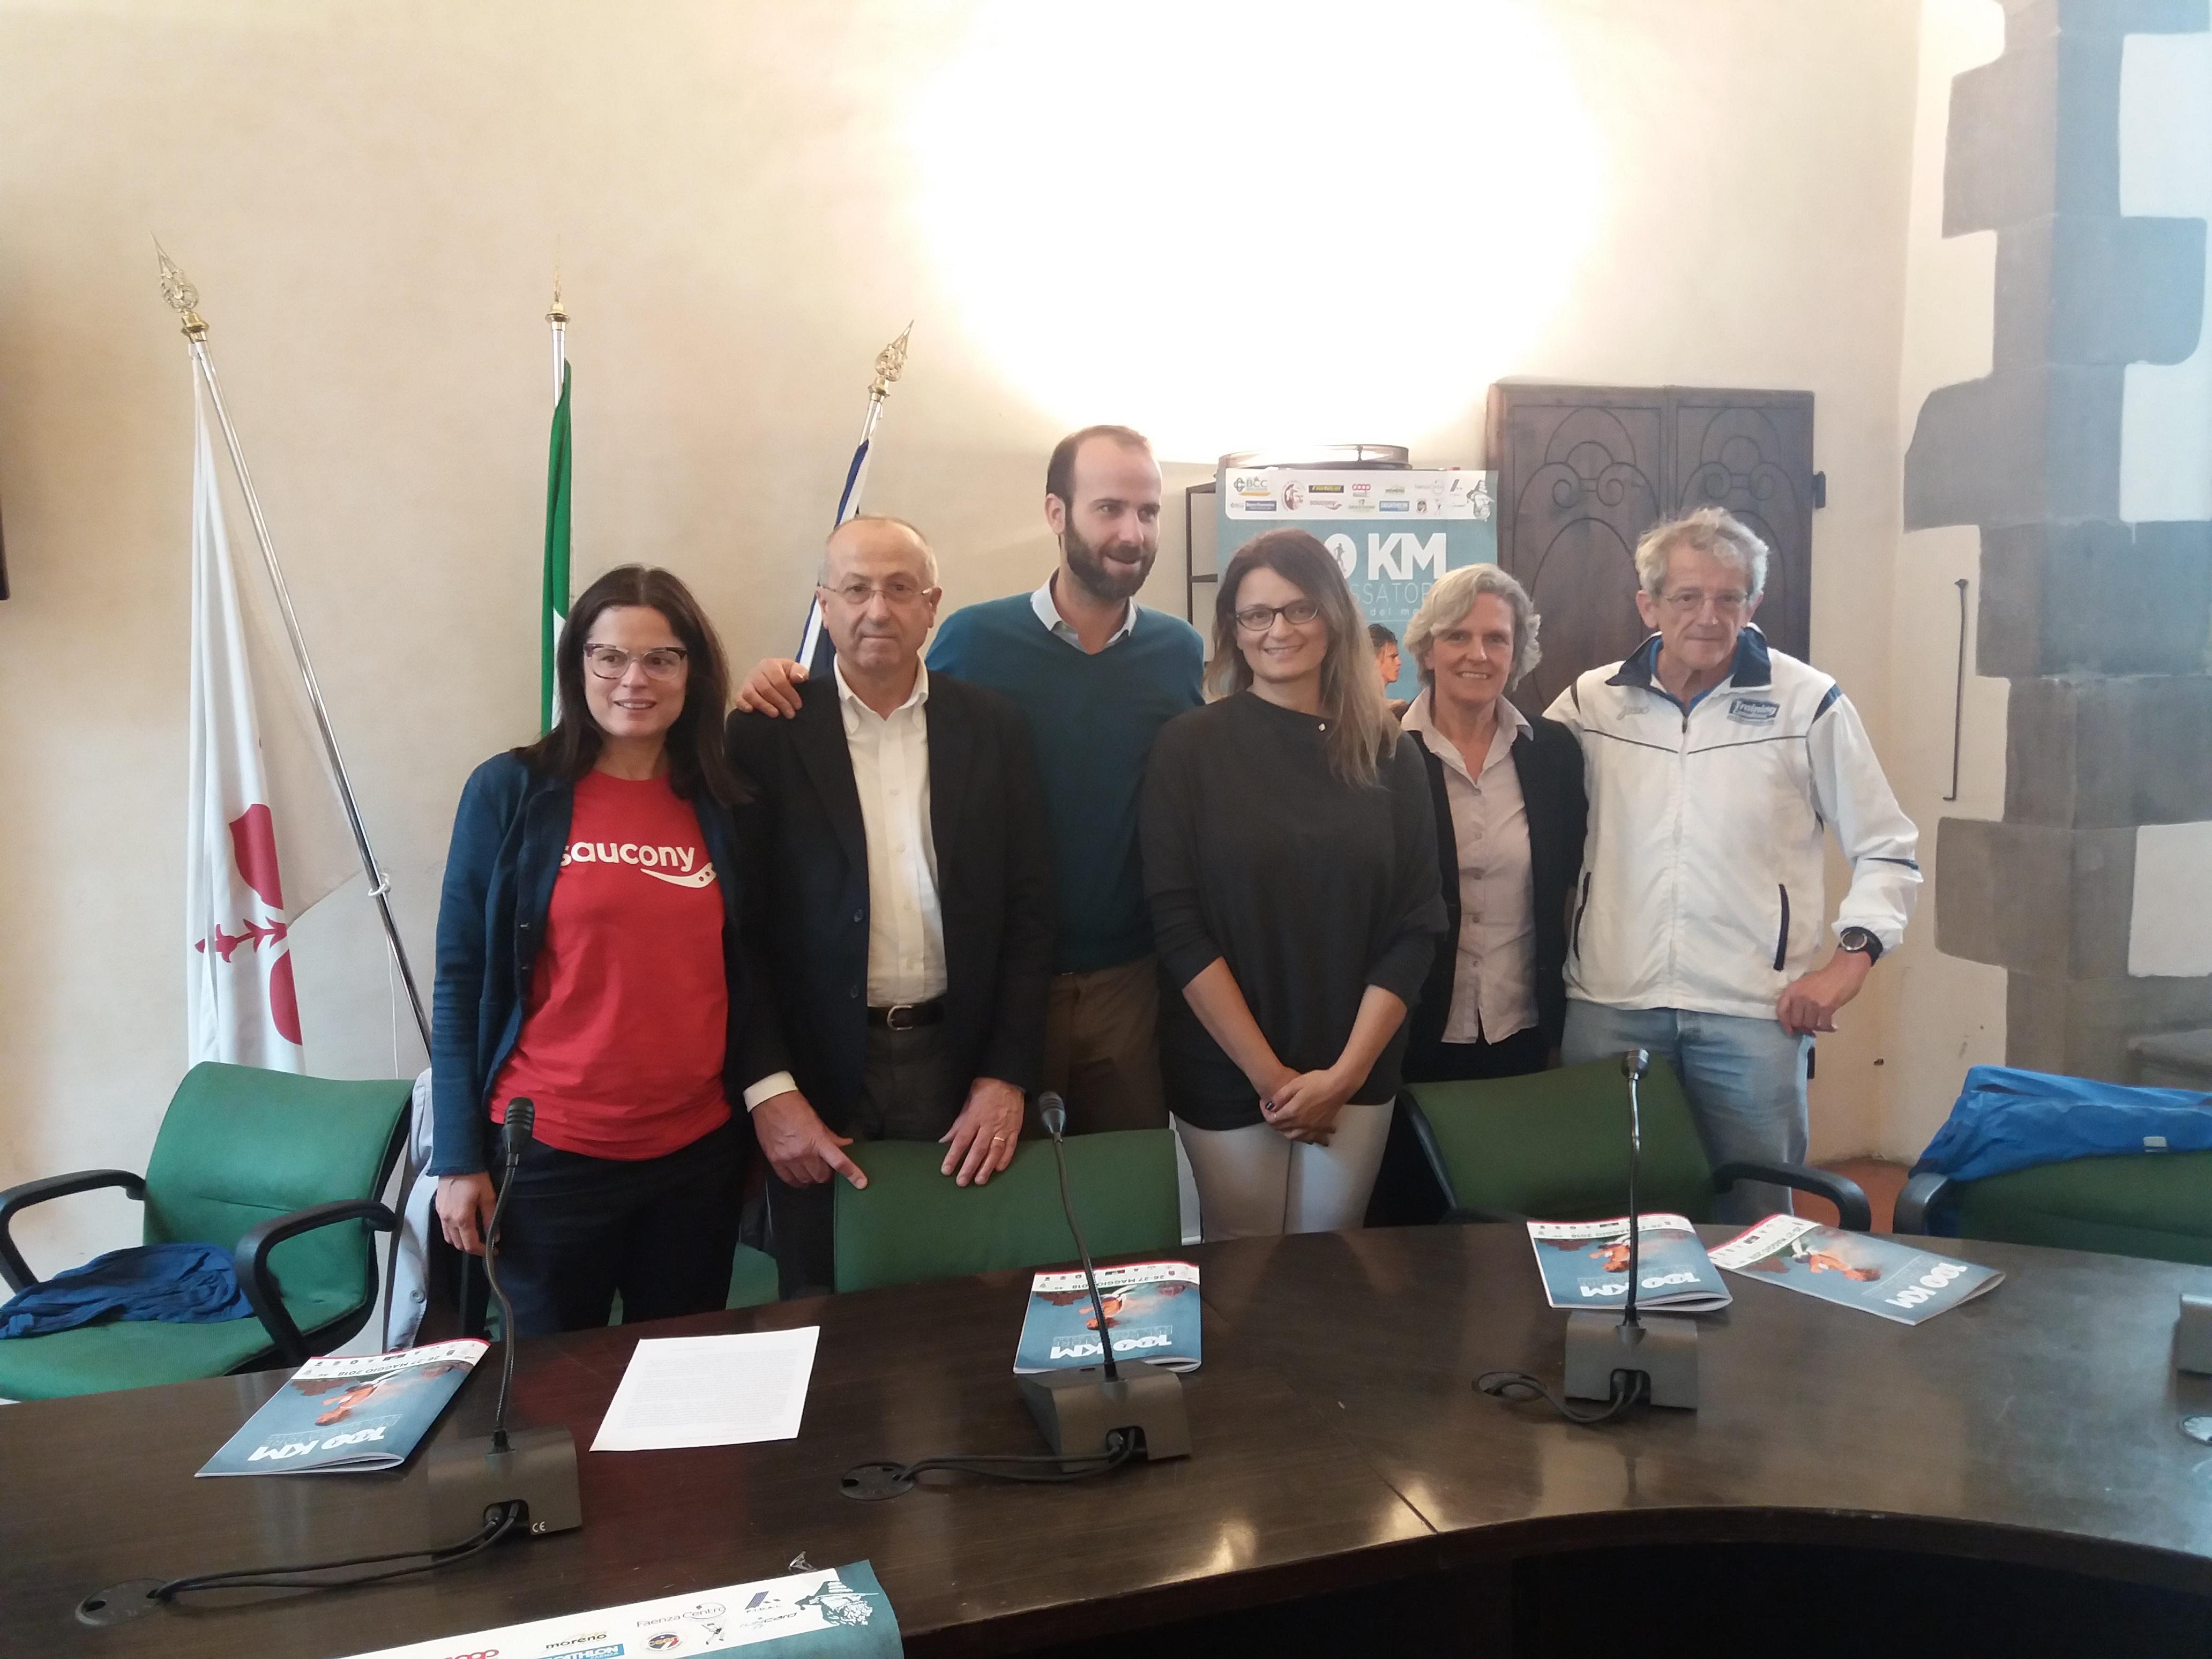 L' assessore allo sport di Firenze Andrea Vannucci, il presidente dell'Asd 100 km del Passatore Giordano Zinzani e il sindaco di Fiesole Anna Ravoni alla presentazione della corsa (immagine da comunicato)